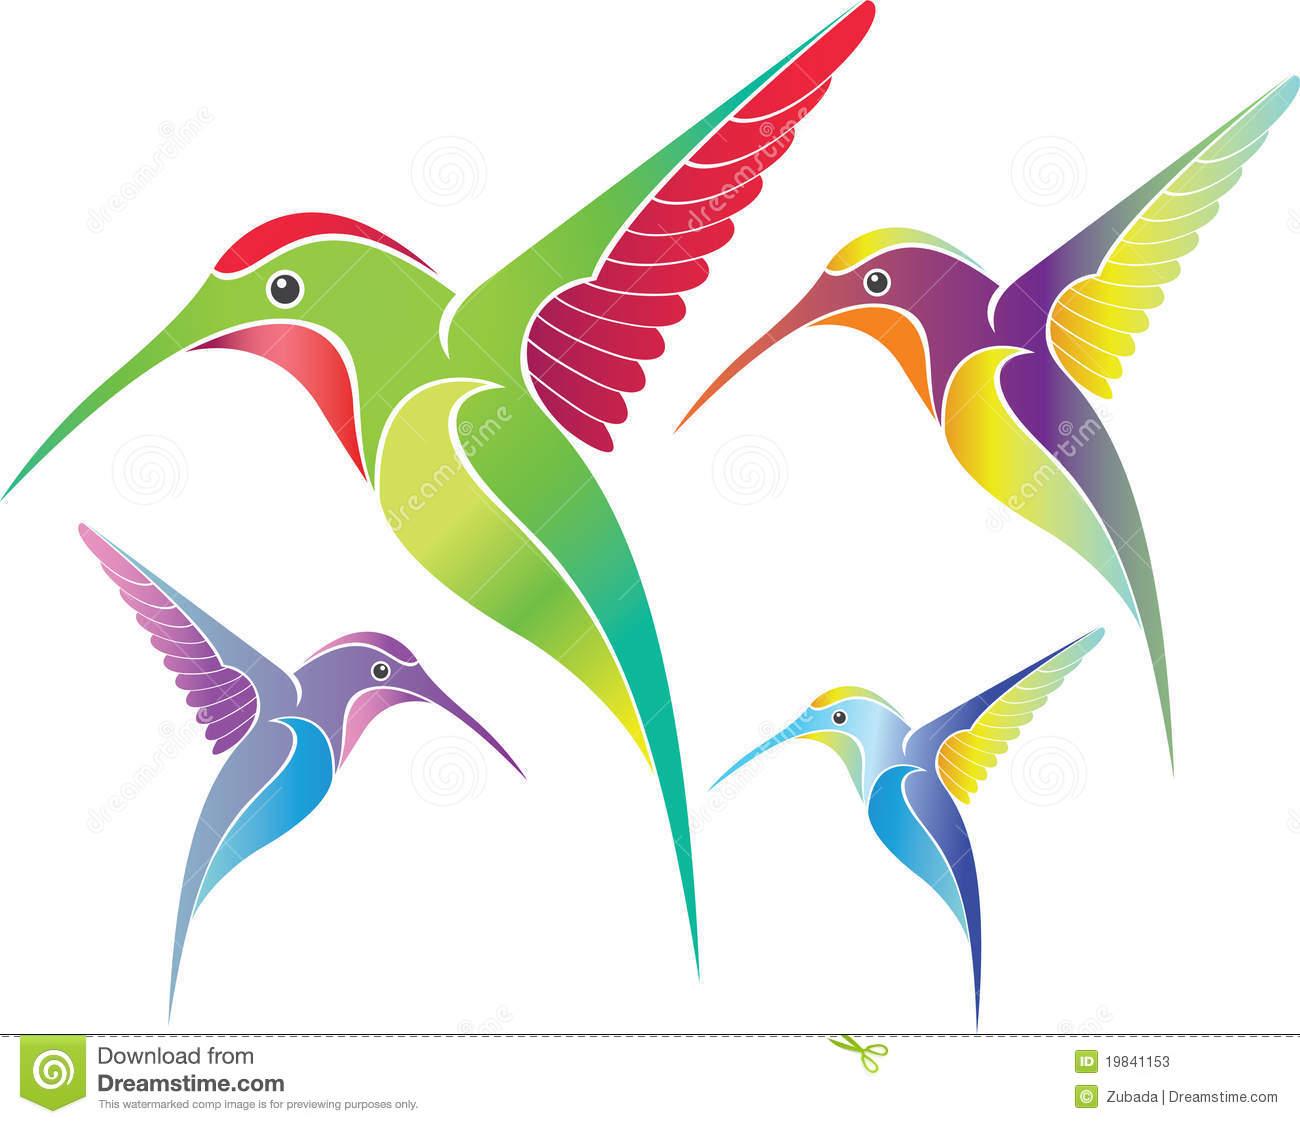 Kolibri clipart #6, Download drawings